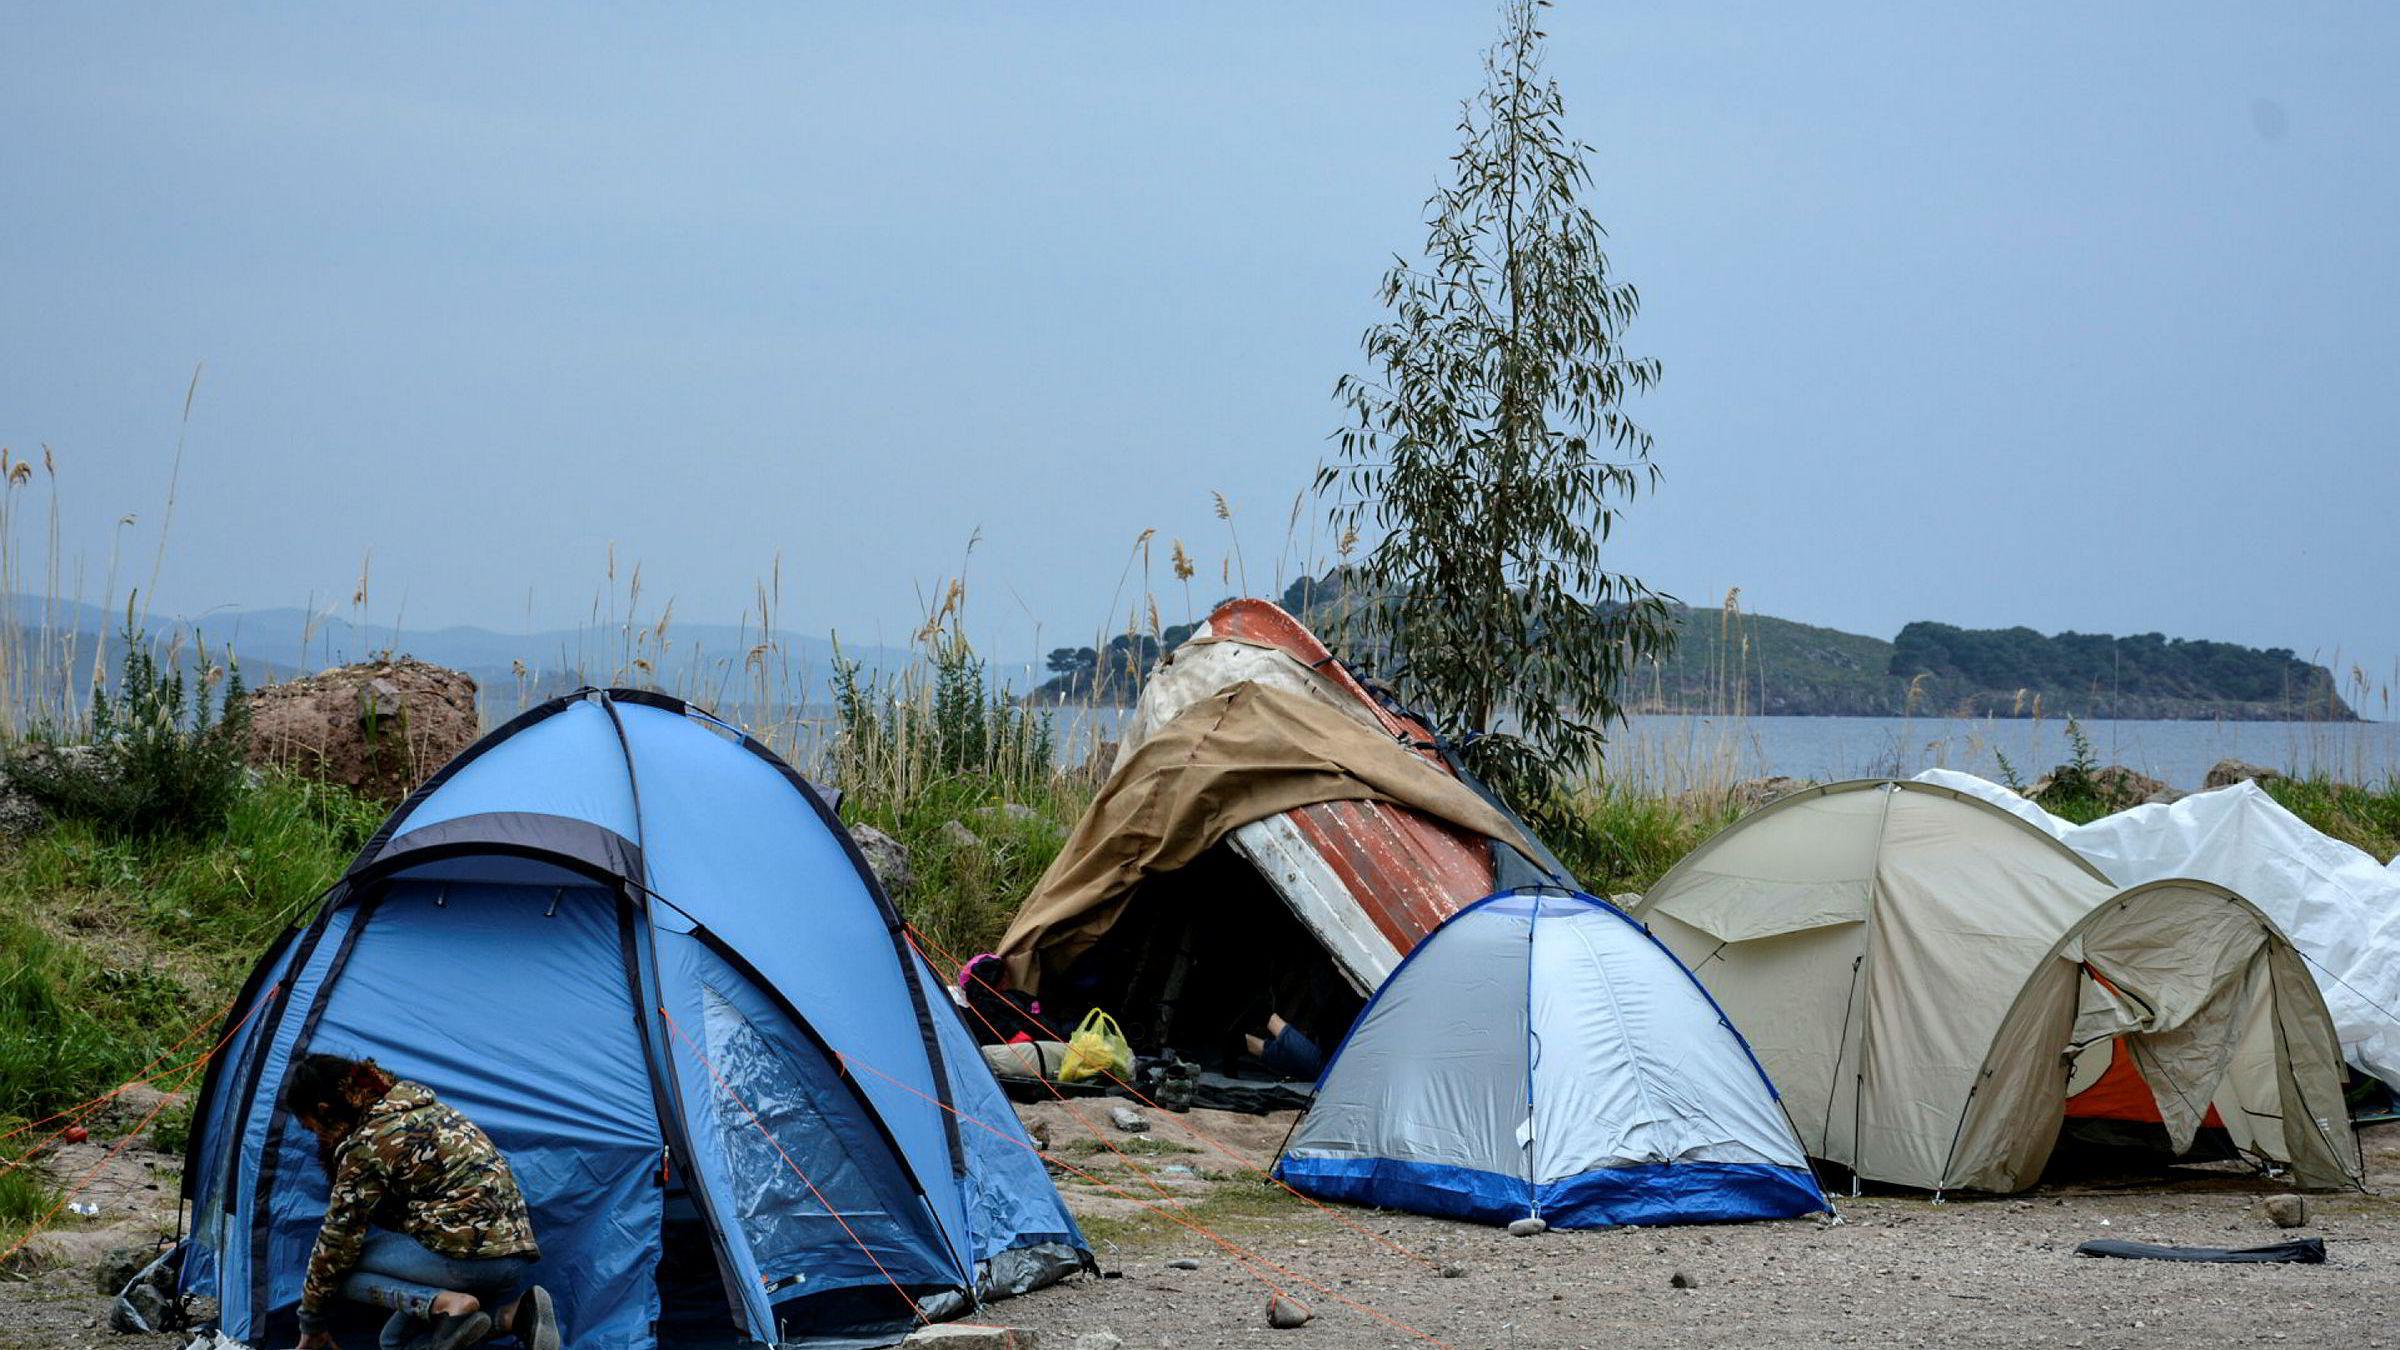 Landsstyret i Venstre vedtok torsdag kveld at barna i Moria-leiren i Hellas må evakueres og at Norge må jobbe for en felles europeisk løsning.